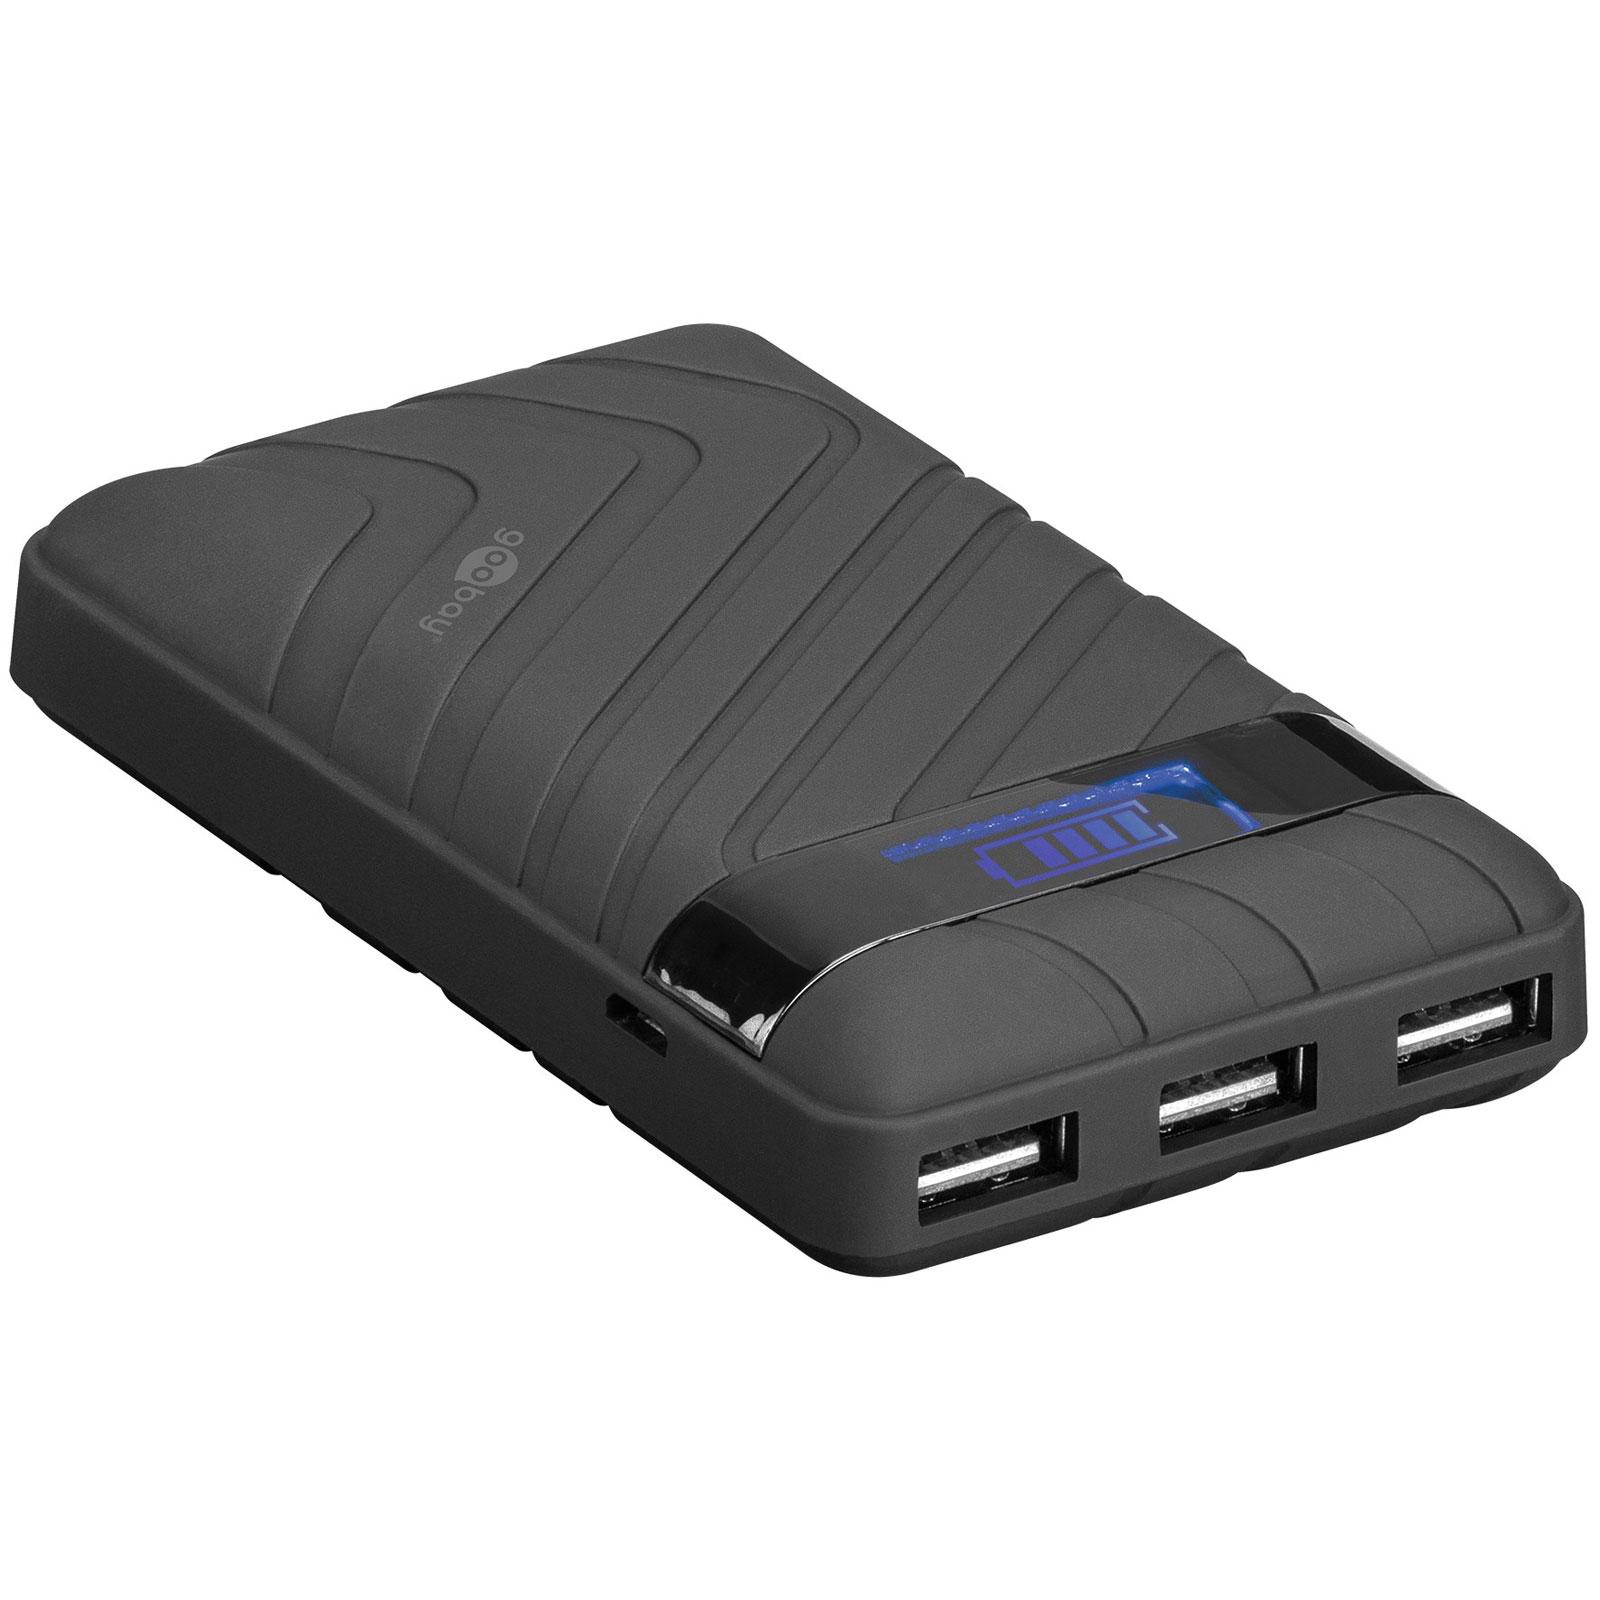 power bank 9000 mah 5v 2a avec 3 ports usb 2 0 et cran lcd accessoires tablette g n rique sur. Black Bedroom Furniture Sets. Home Design Ideas